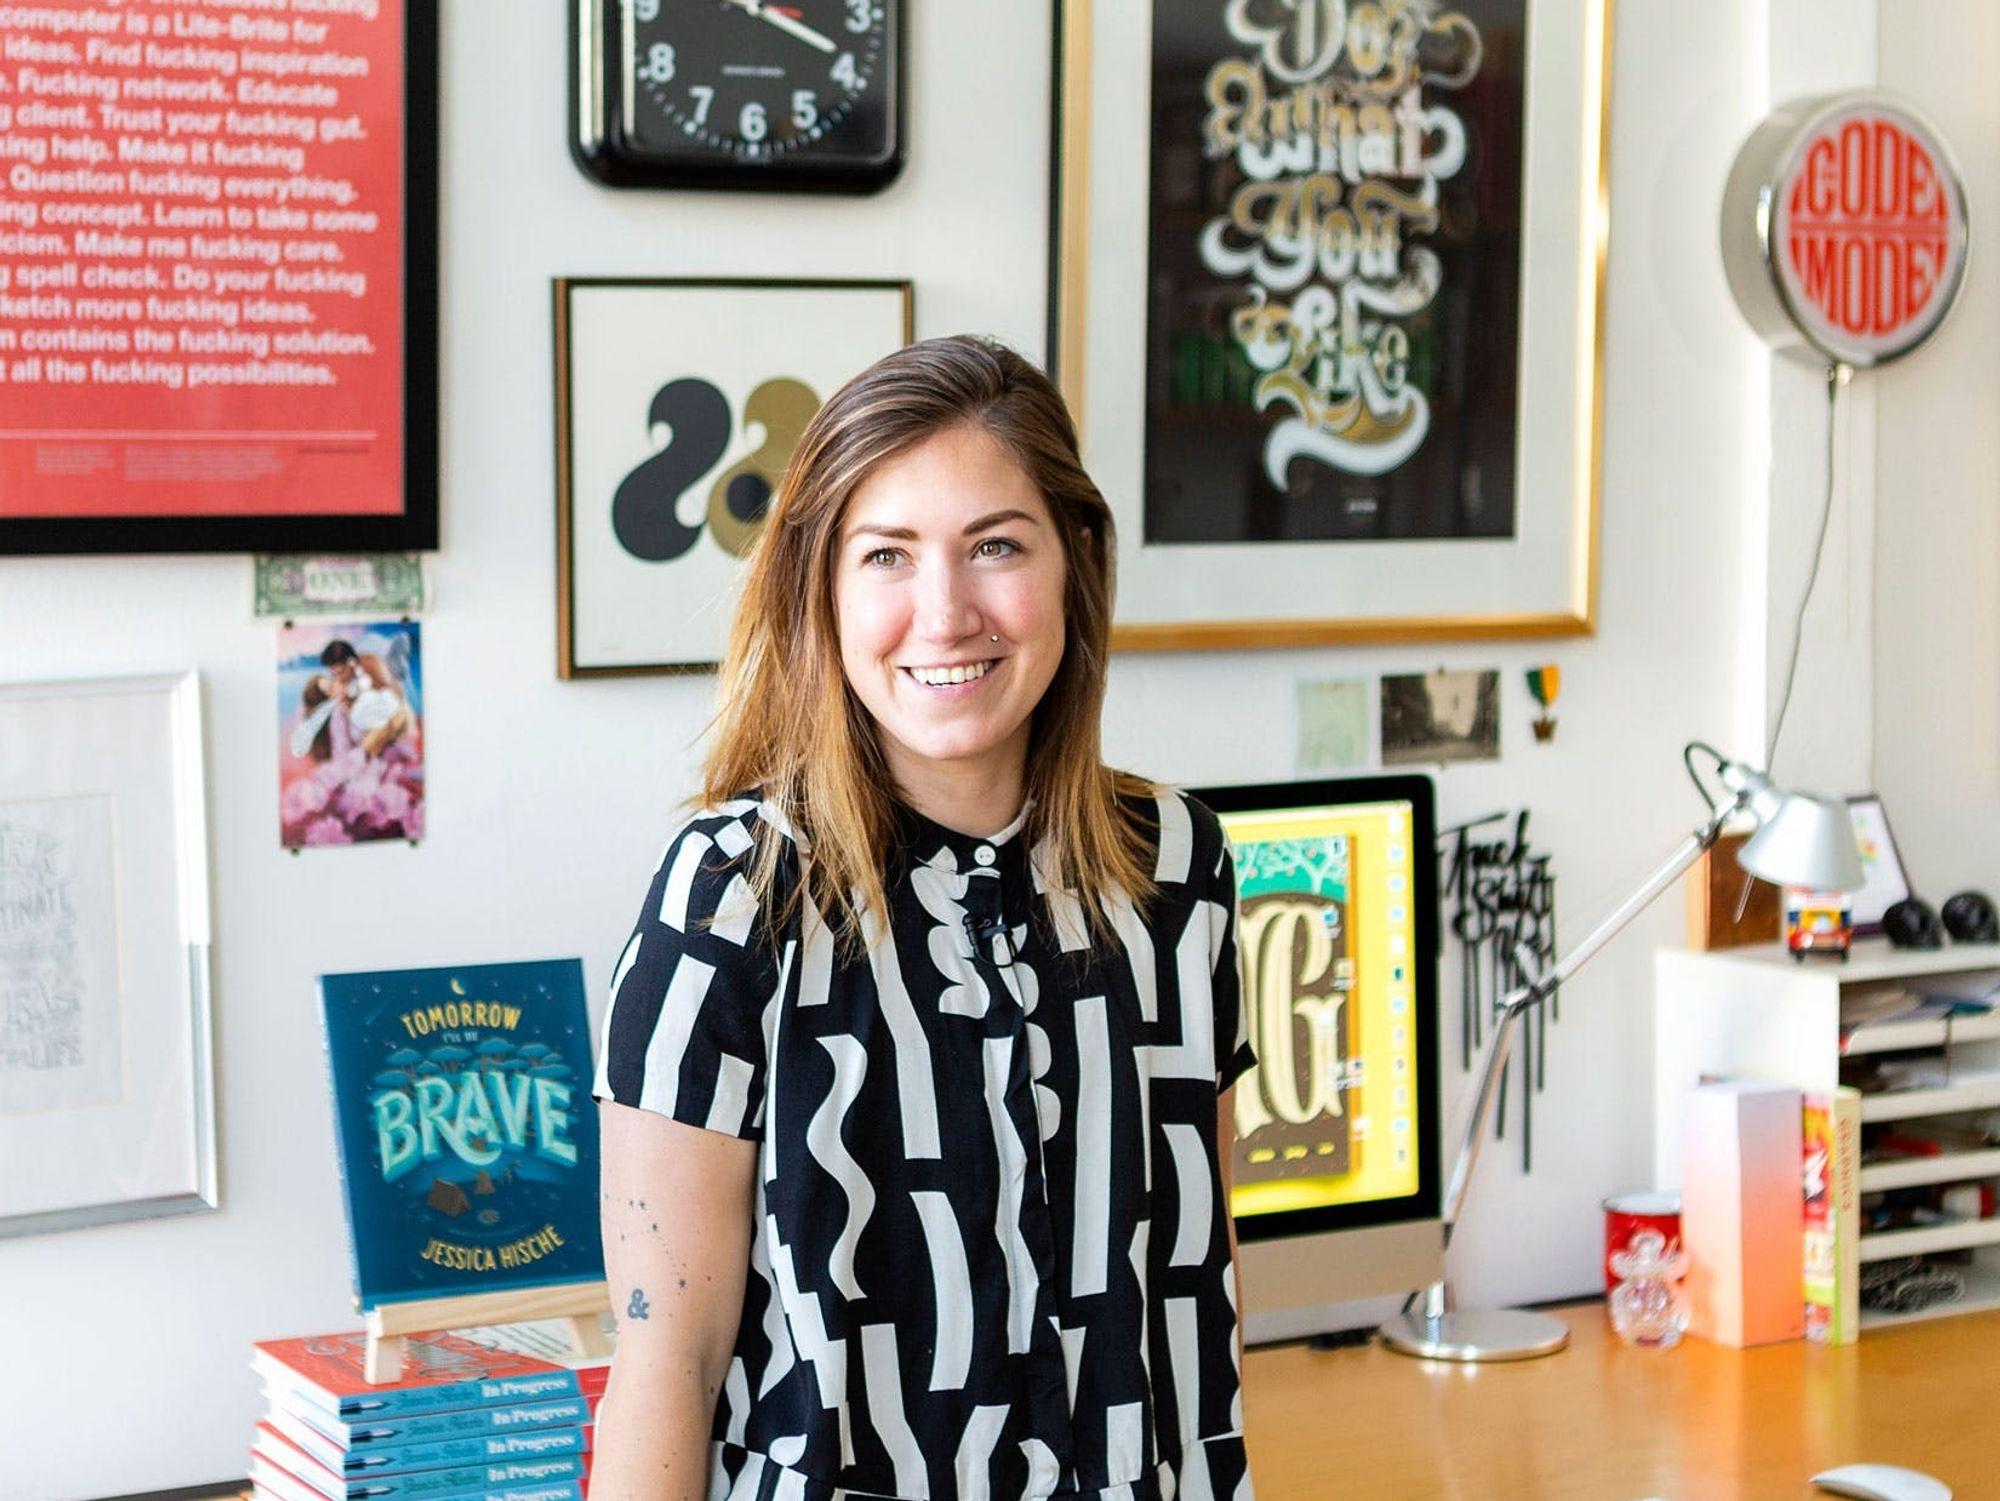 Why Designer Jessica Hische Wrote a Children's Book on Being Brave